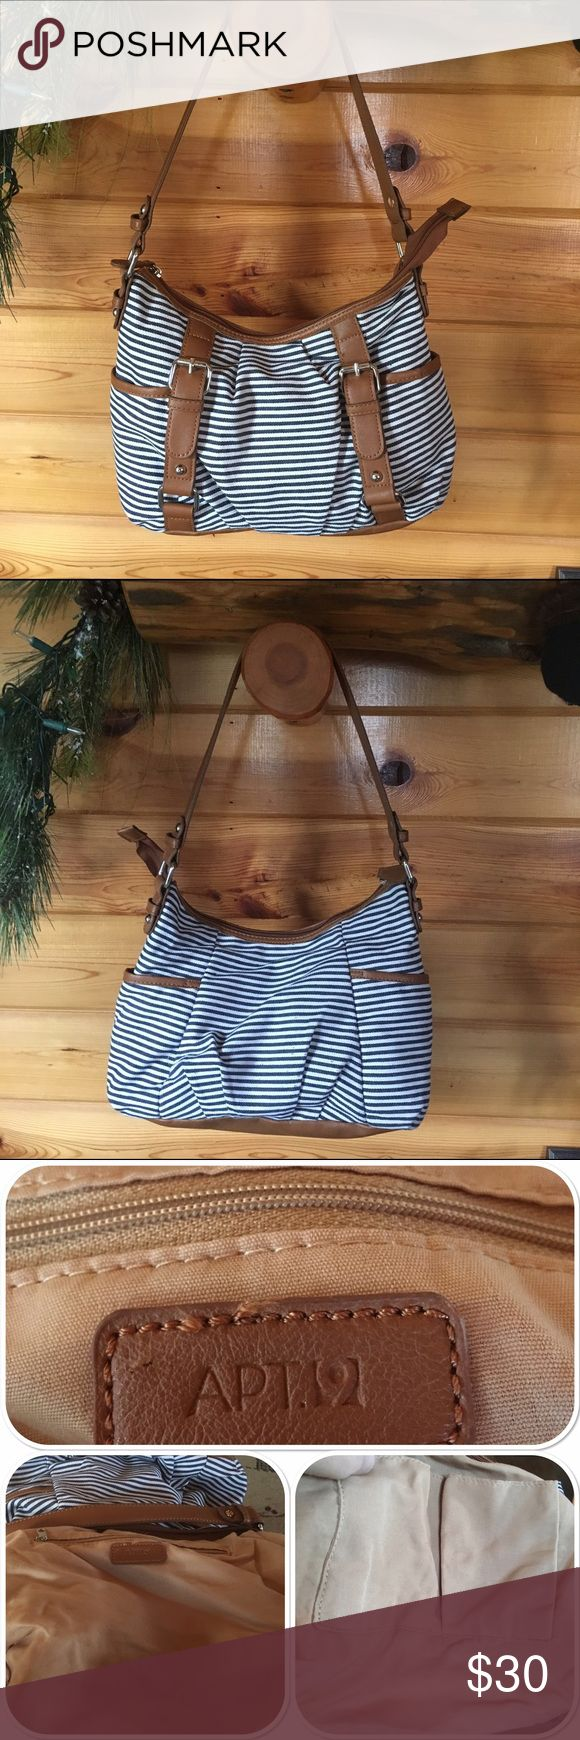 """APT. 9 Denim Stripe Suzie Shoulder Bag APT. 9 Suzie Denim Stripe Shoulder Bag.        EUC Fabric/Vinyl/Nickel Zip top closure, 2 outside compartments, Inside small zip pocket, cellphone and multifunction pockets.  12"""" (L) x 9"""" (H) x 4"""" (D) 10"""" Drop  Denim Blue/White/Brown Apt. 9 Bags Shoulder Bags"""